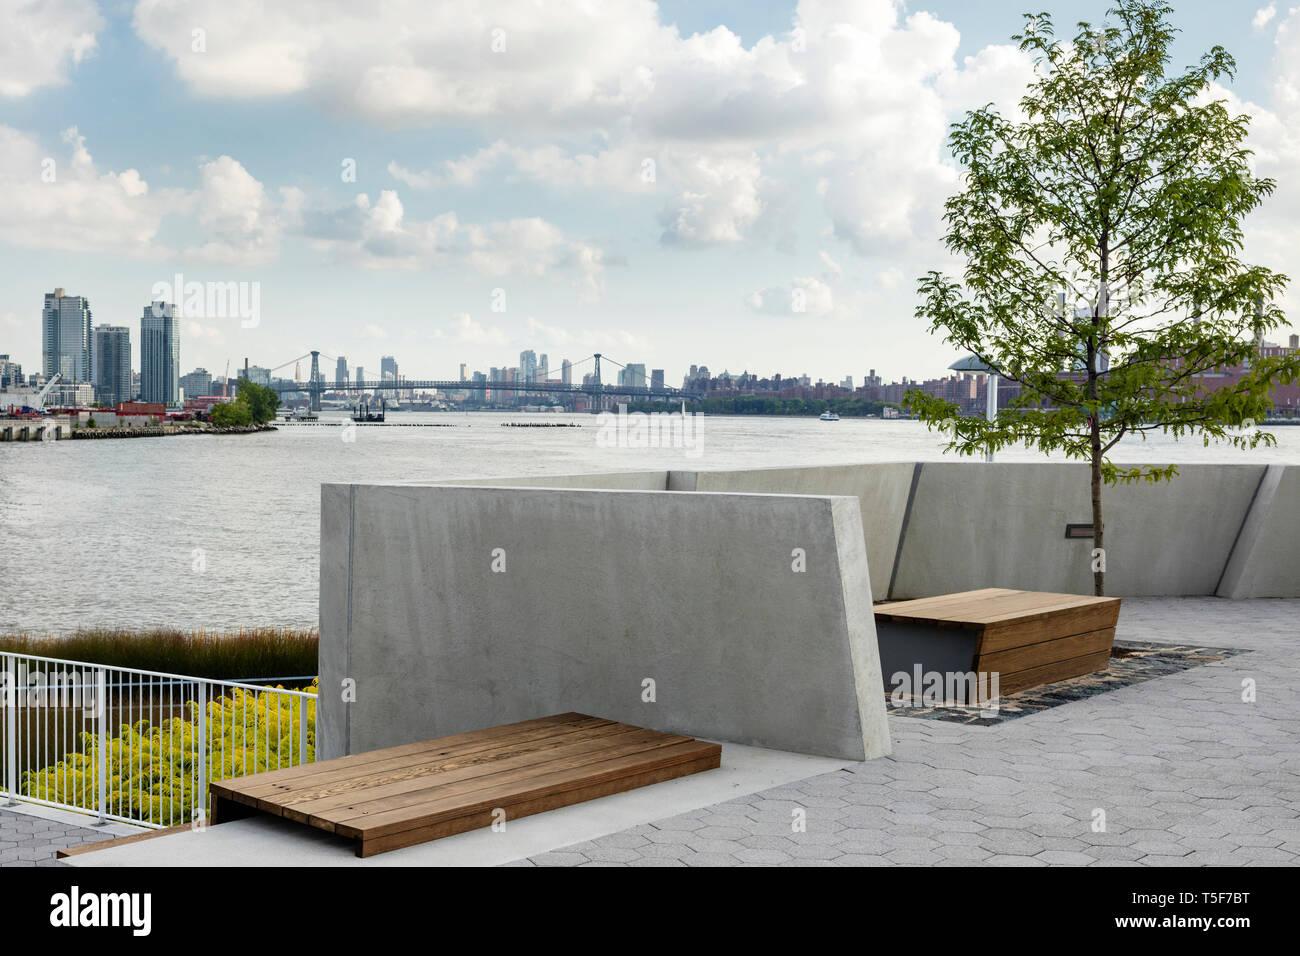 Aree con posti a sedere vicino al lancio in barca. Cacciatori South Park, New York, Stati Uniti. Architetto: SWA/Balsley in collaborazione con Weiss/Manfredi, 20 Foto Stock